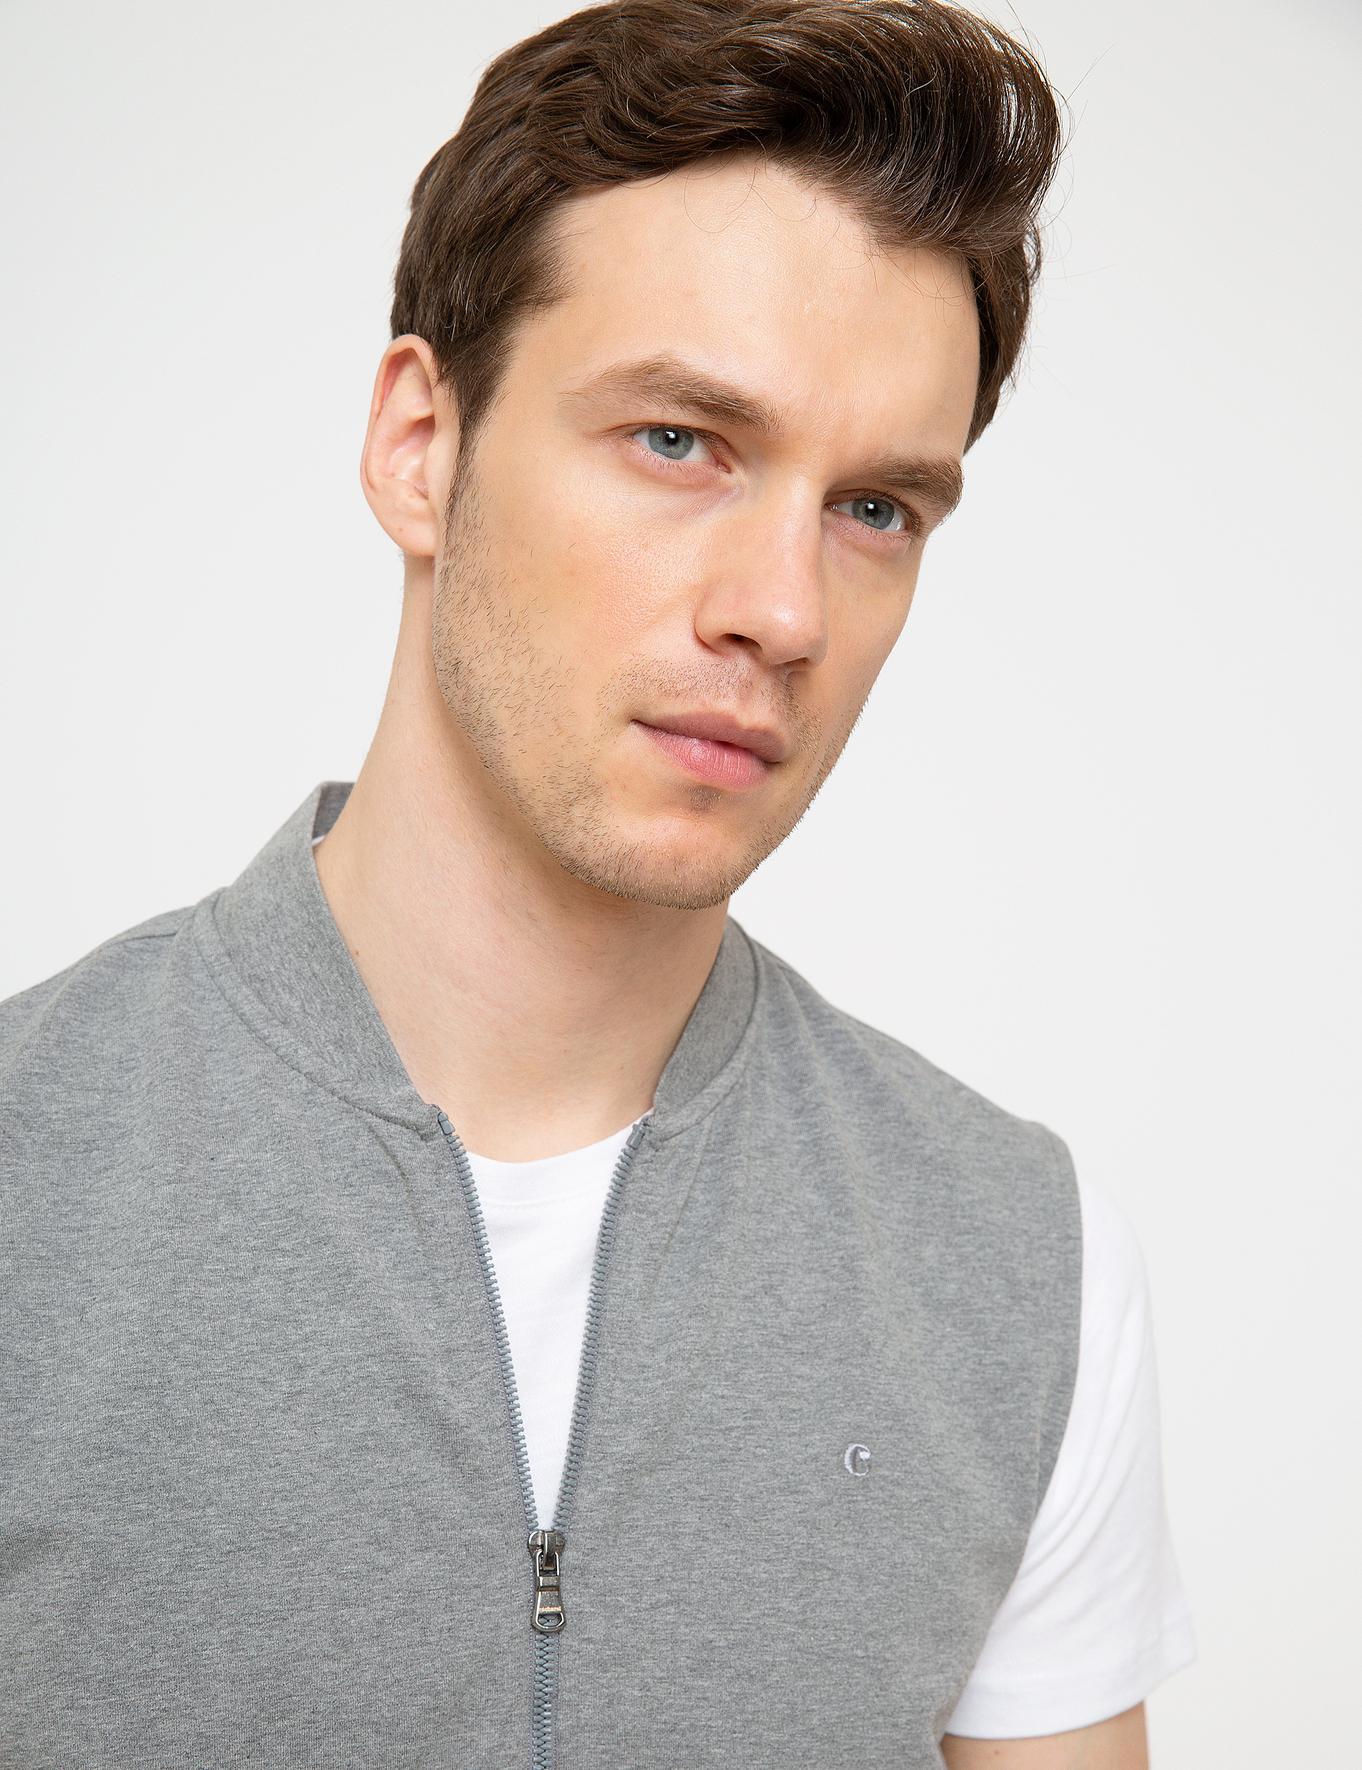 Gri Melanj Slim Fit Sweatshirt - 50200417003